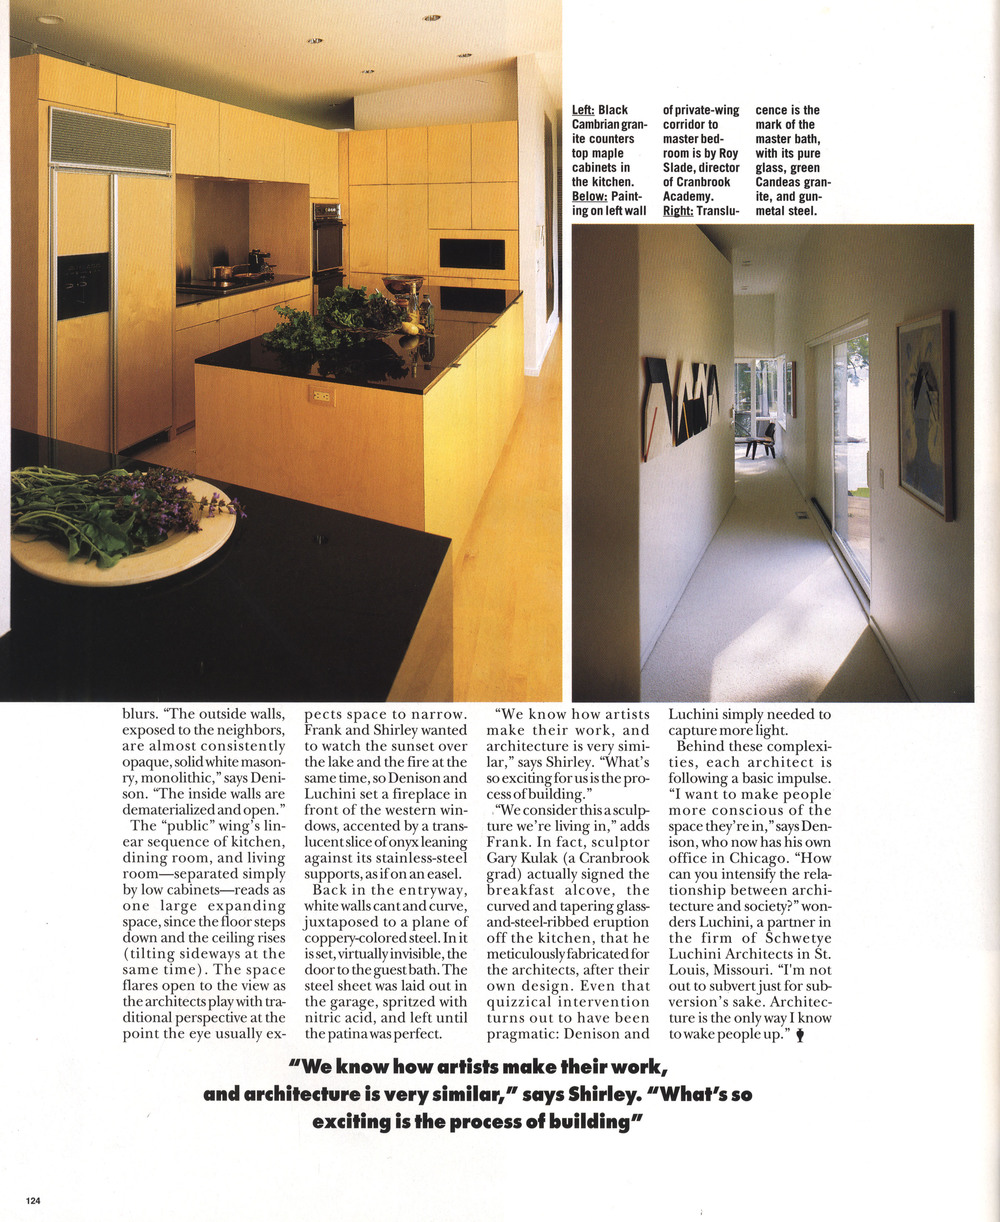 1993_06_ElleDecor_piku 6.jpg